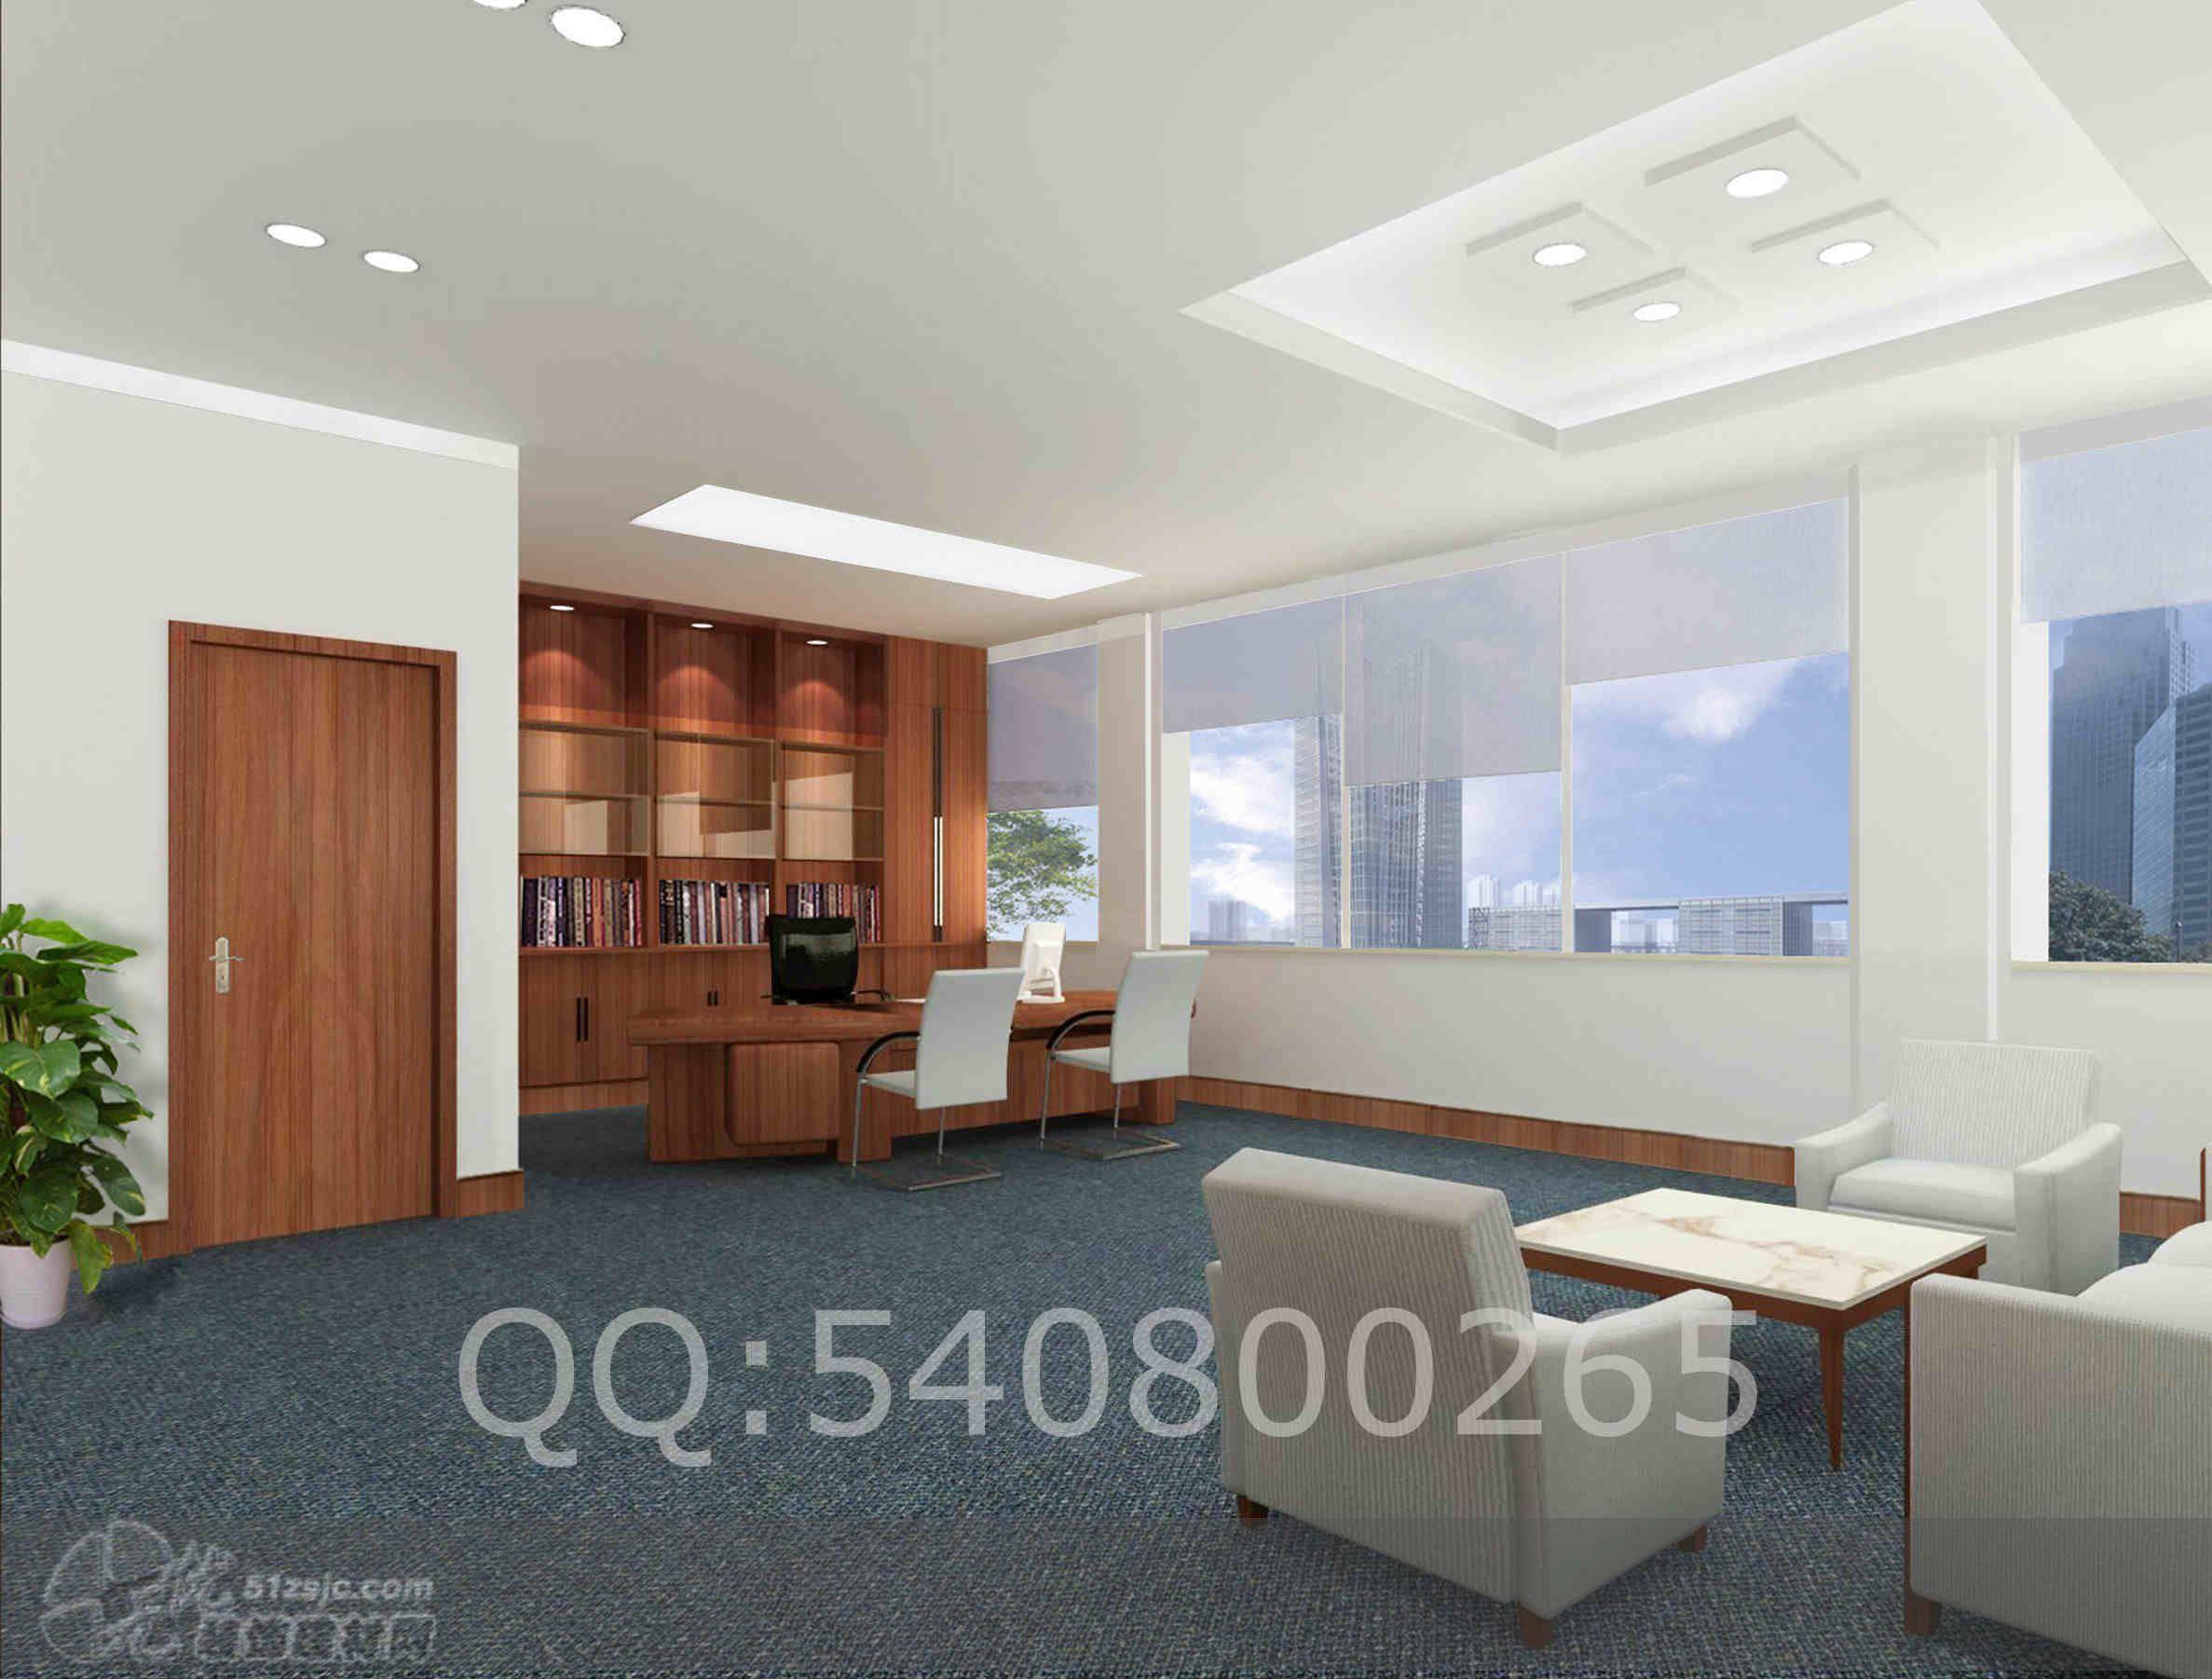 办公室 作品 家居设计图库 效果图,实景图,样板间,建筑设计师,